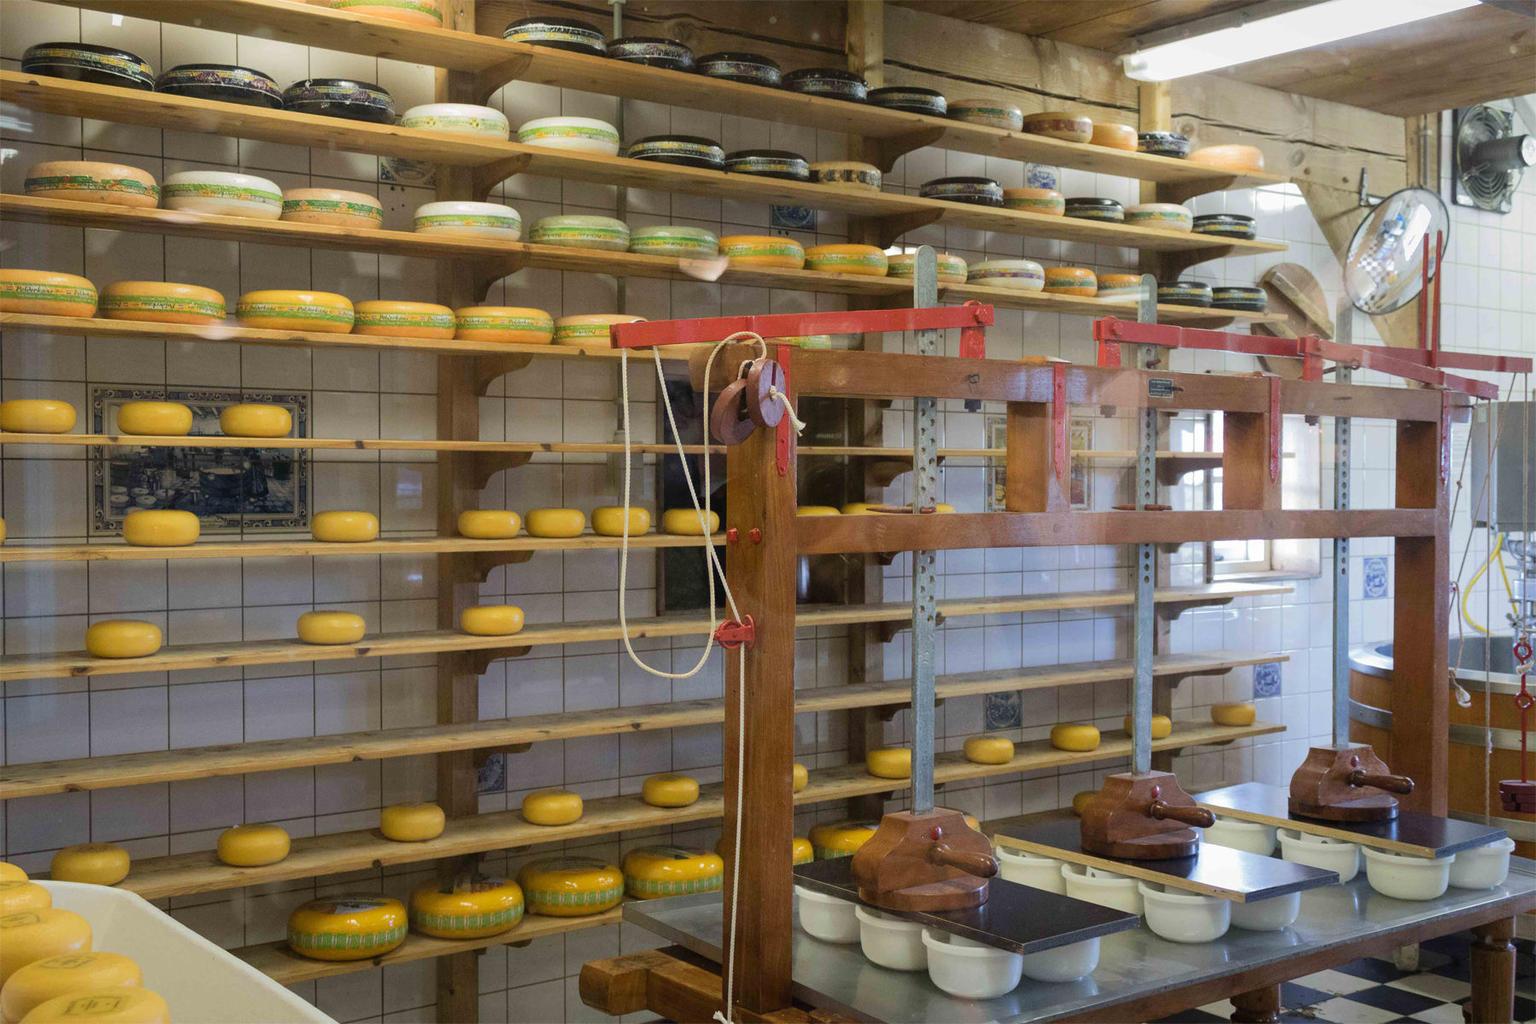 MAIS FOTOS, Excursão de meio dia saindo de Amsterdam para Zaanse Schans: moinhos de vento, Museu do Tamanco e fazenda de queijos